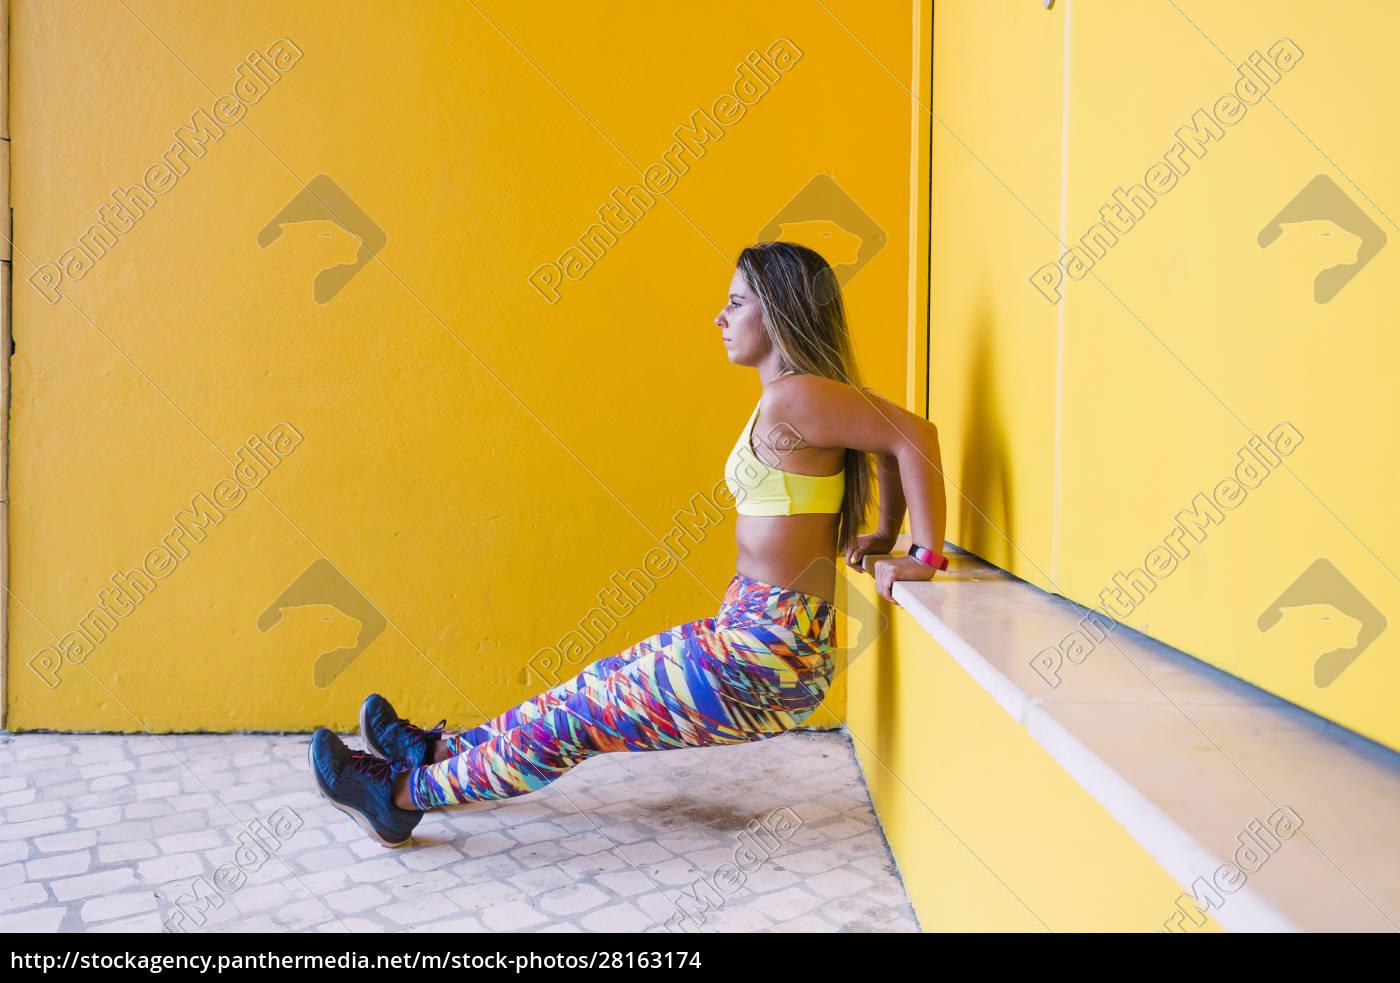 frau, tun, wand, sitzen, durch, gelbe - 28163174